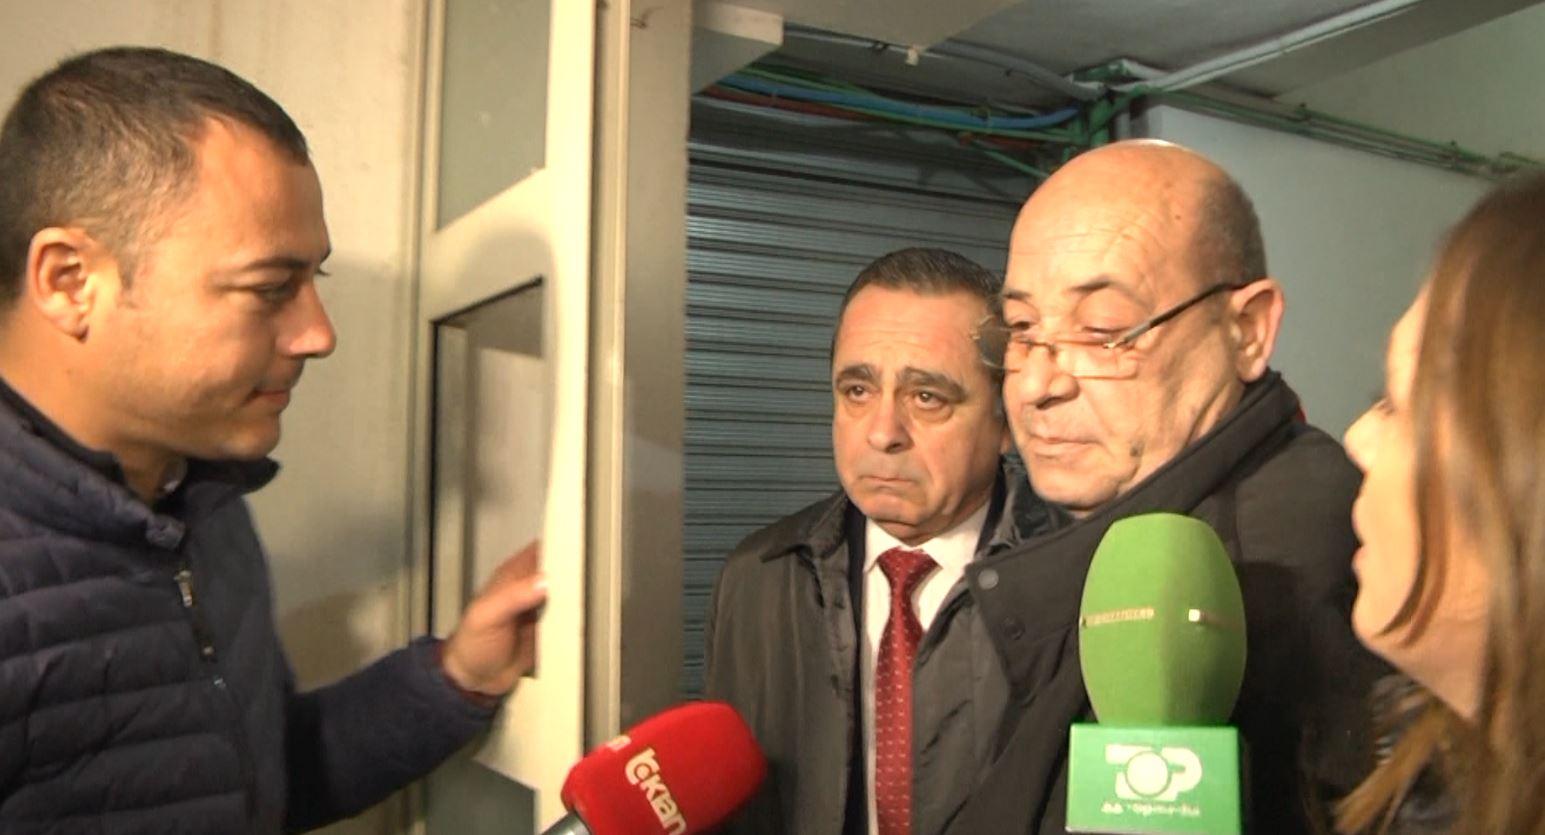 Uli dënimin e Dajtit, gjyqtarit nuk i kthehen 17 mijë eurot e sekuestruara